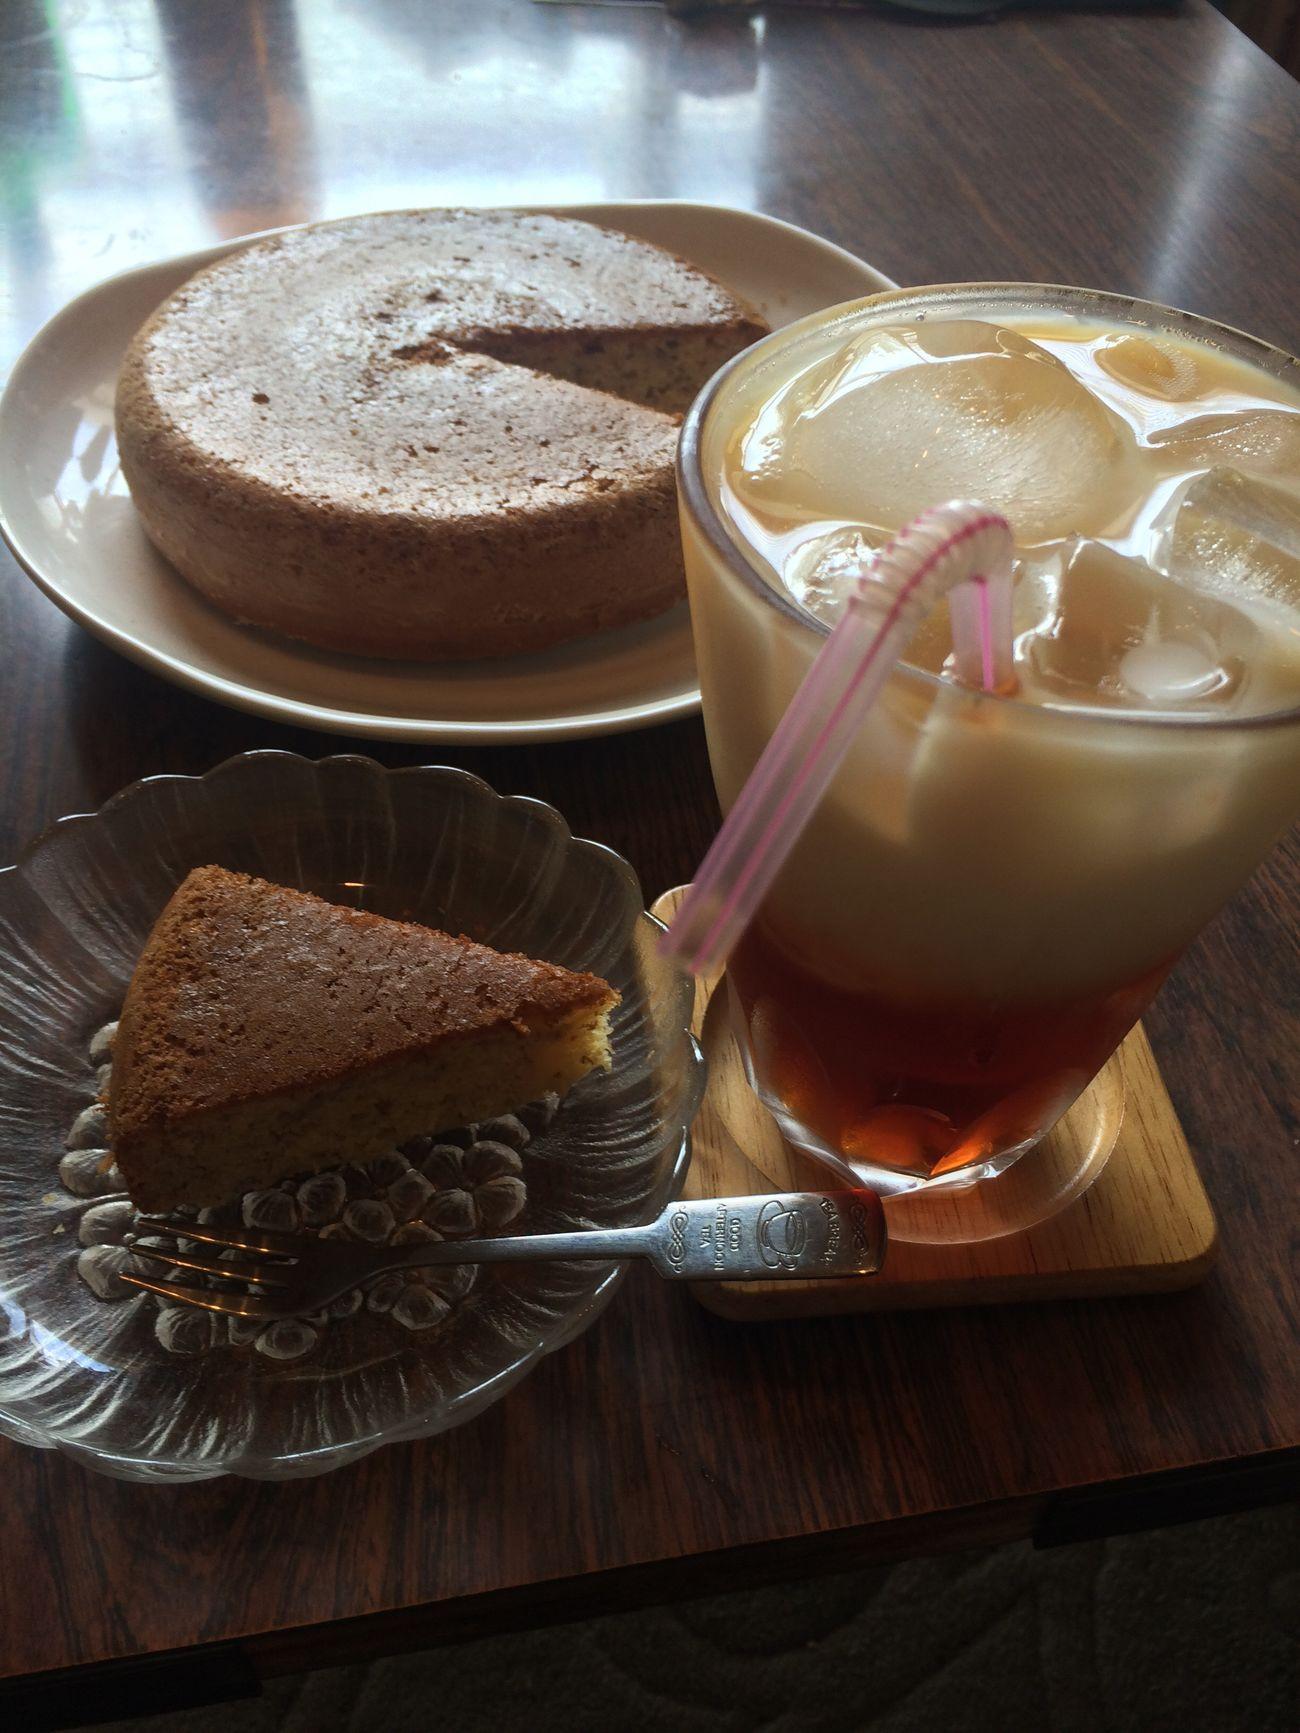 バナナシフォンケーキ焼いた。濃いめで甘めのアイスミルクティーと共に♫(⌒▽⌒) Cake Cafe Sweets ミルクティー 紅茶 Tea Food おうちカフェ カフェ ケーキ Cake Cake Milk Tea